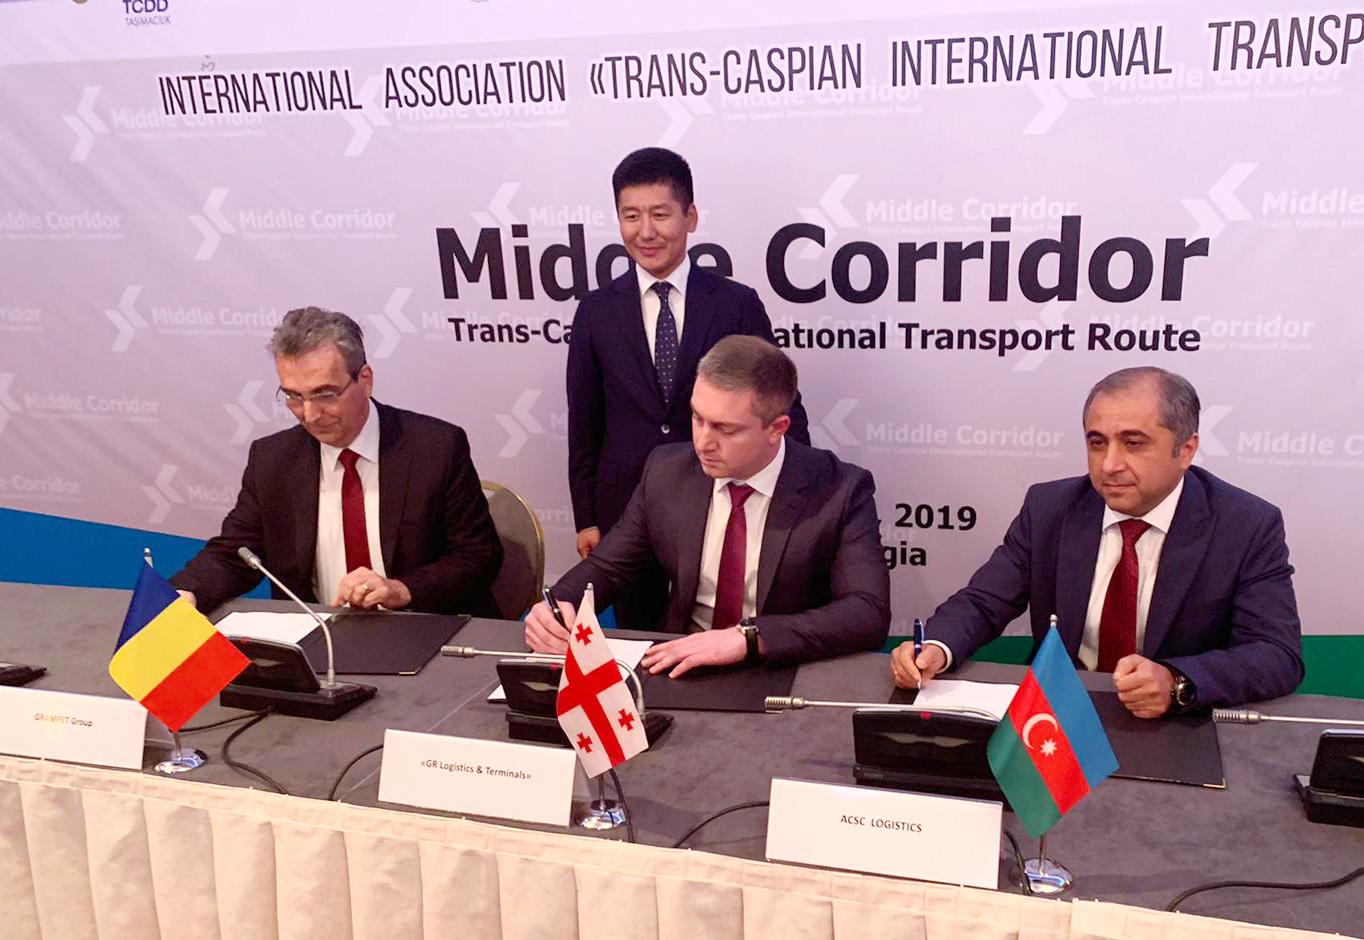 Grupul GRAMPET – Grup Feroviar Român închide ultima verigă din lanțul Middle Corridor prin lansarea rutei navale Batumi/Poti – Constanța